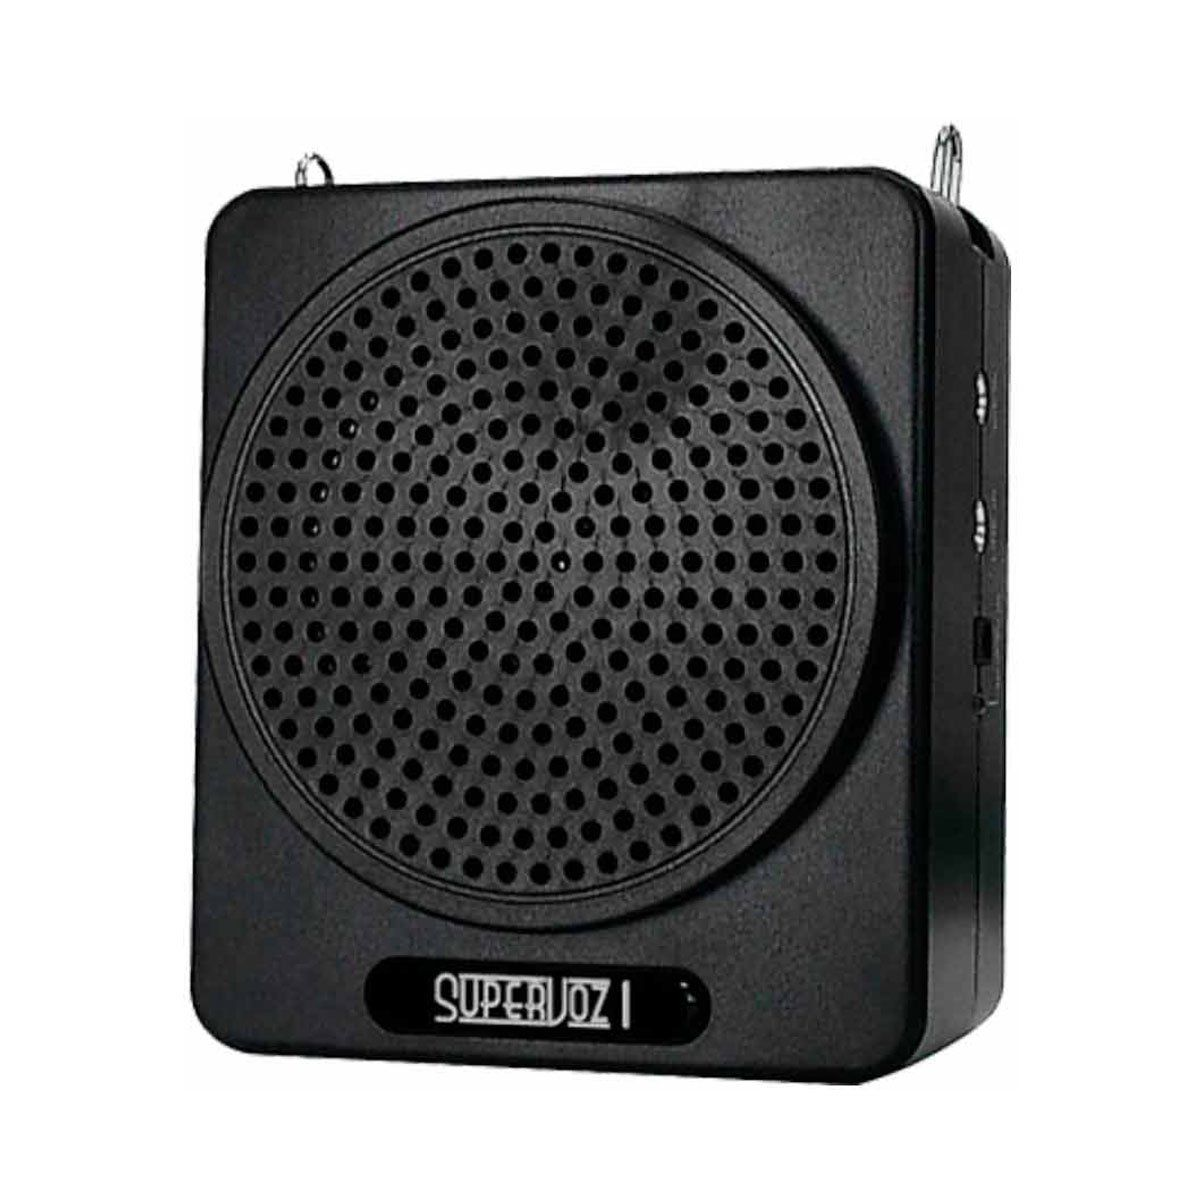 Kit Professor Portátil (Caixa 8W + Microfone c/ Fio) Supervoz I - 625 TSI